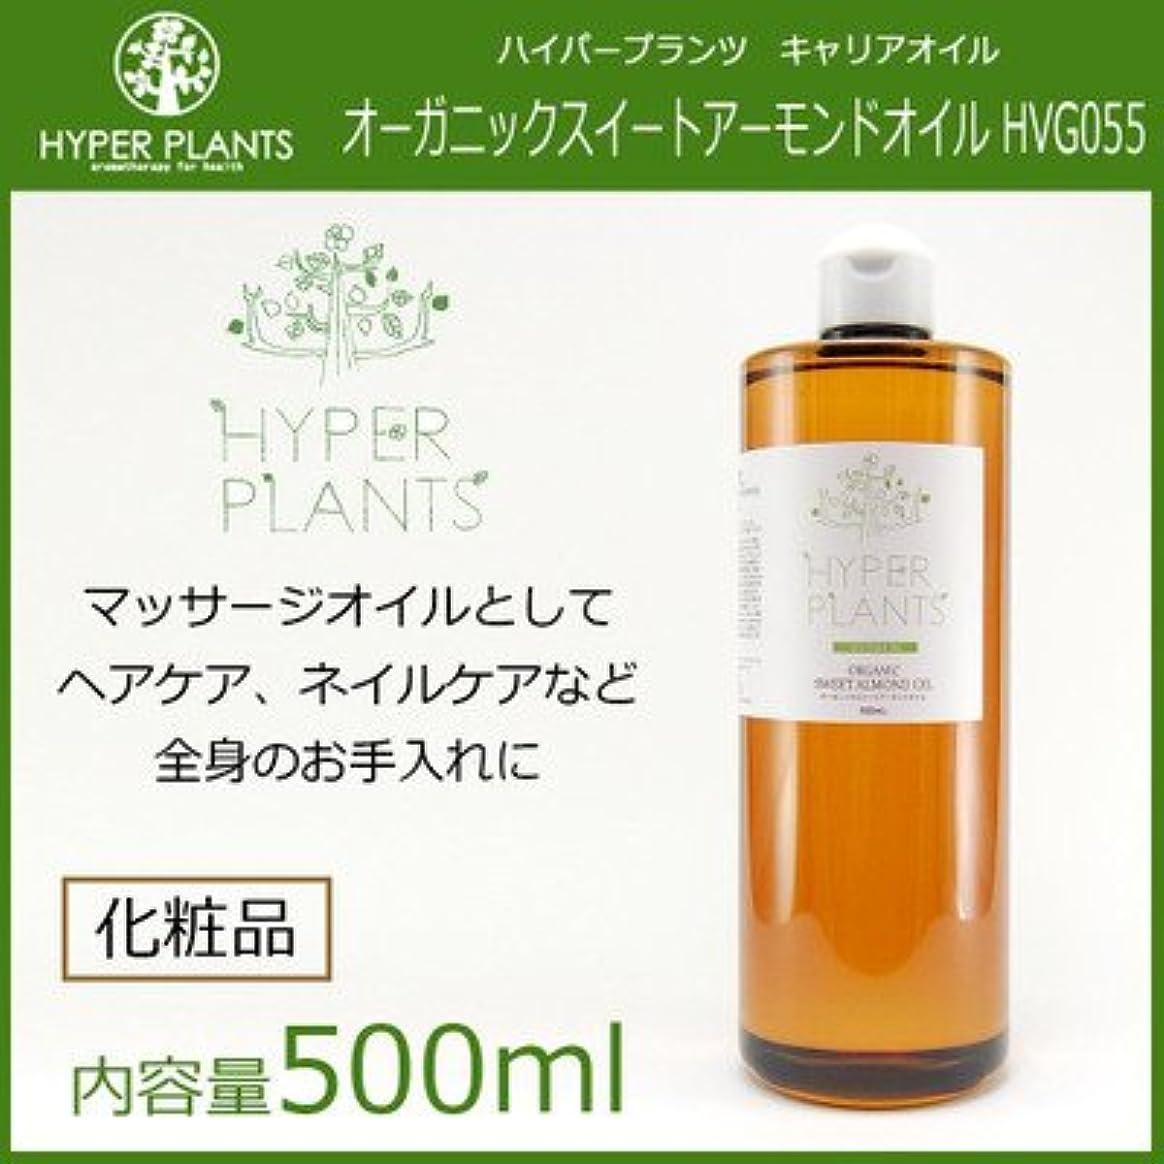 一時停止犠牲ブランチ天然植物原料100%使用 肌をやさしく守る定番オイル HYPER PLANTS ハイパープランツ キャリアオイル オーガニックスイートアーモンドオイル 500ml HVG055